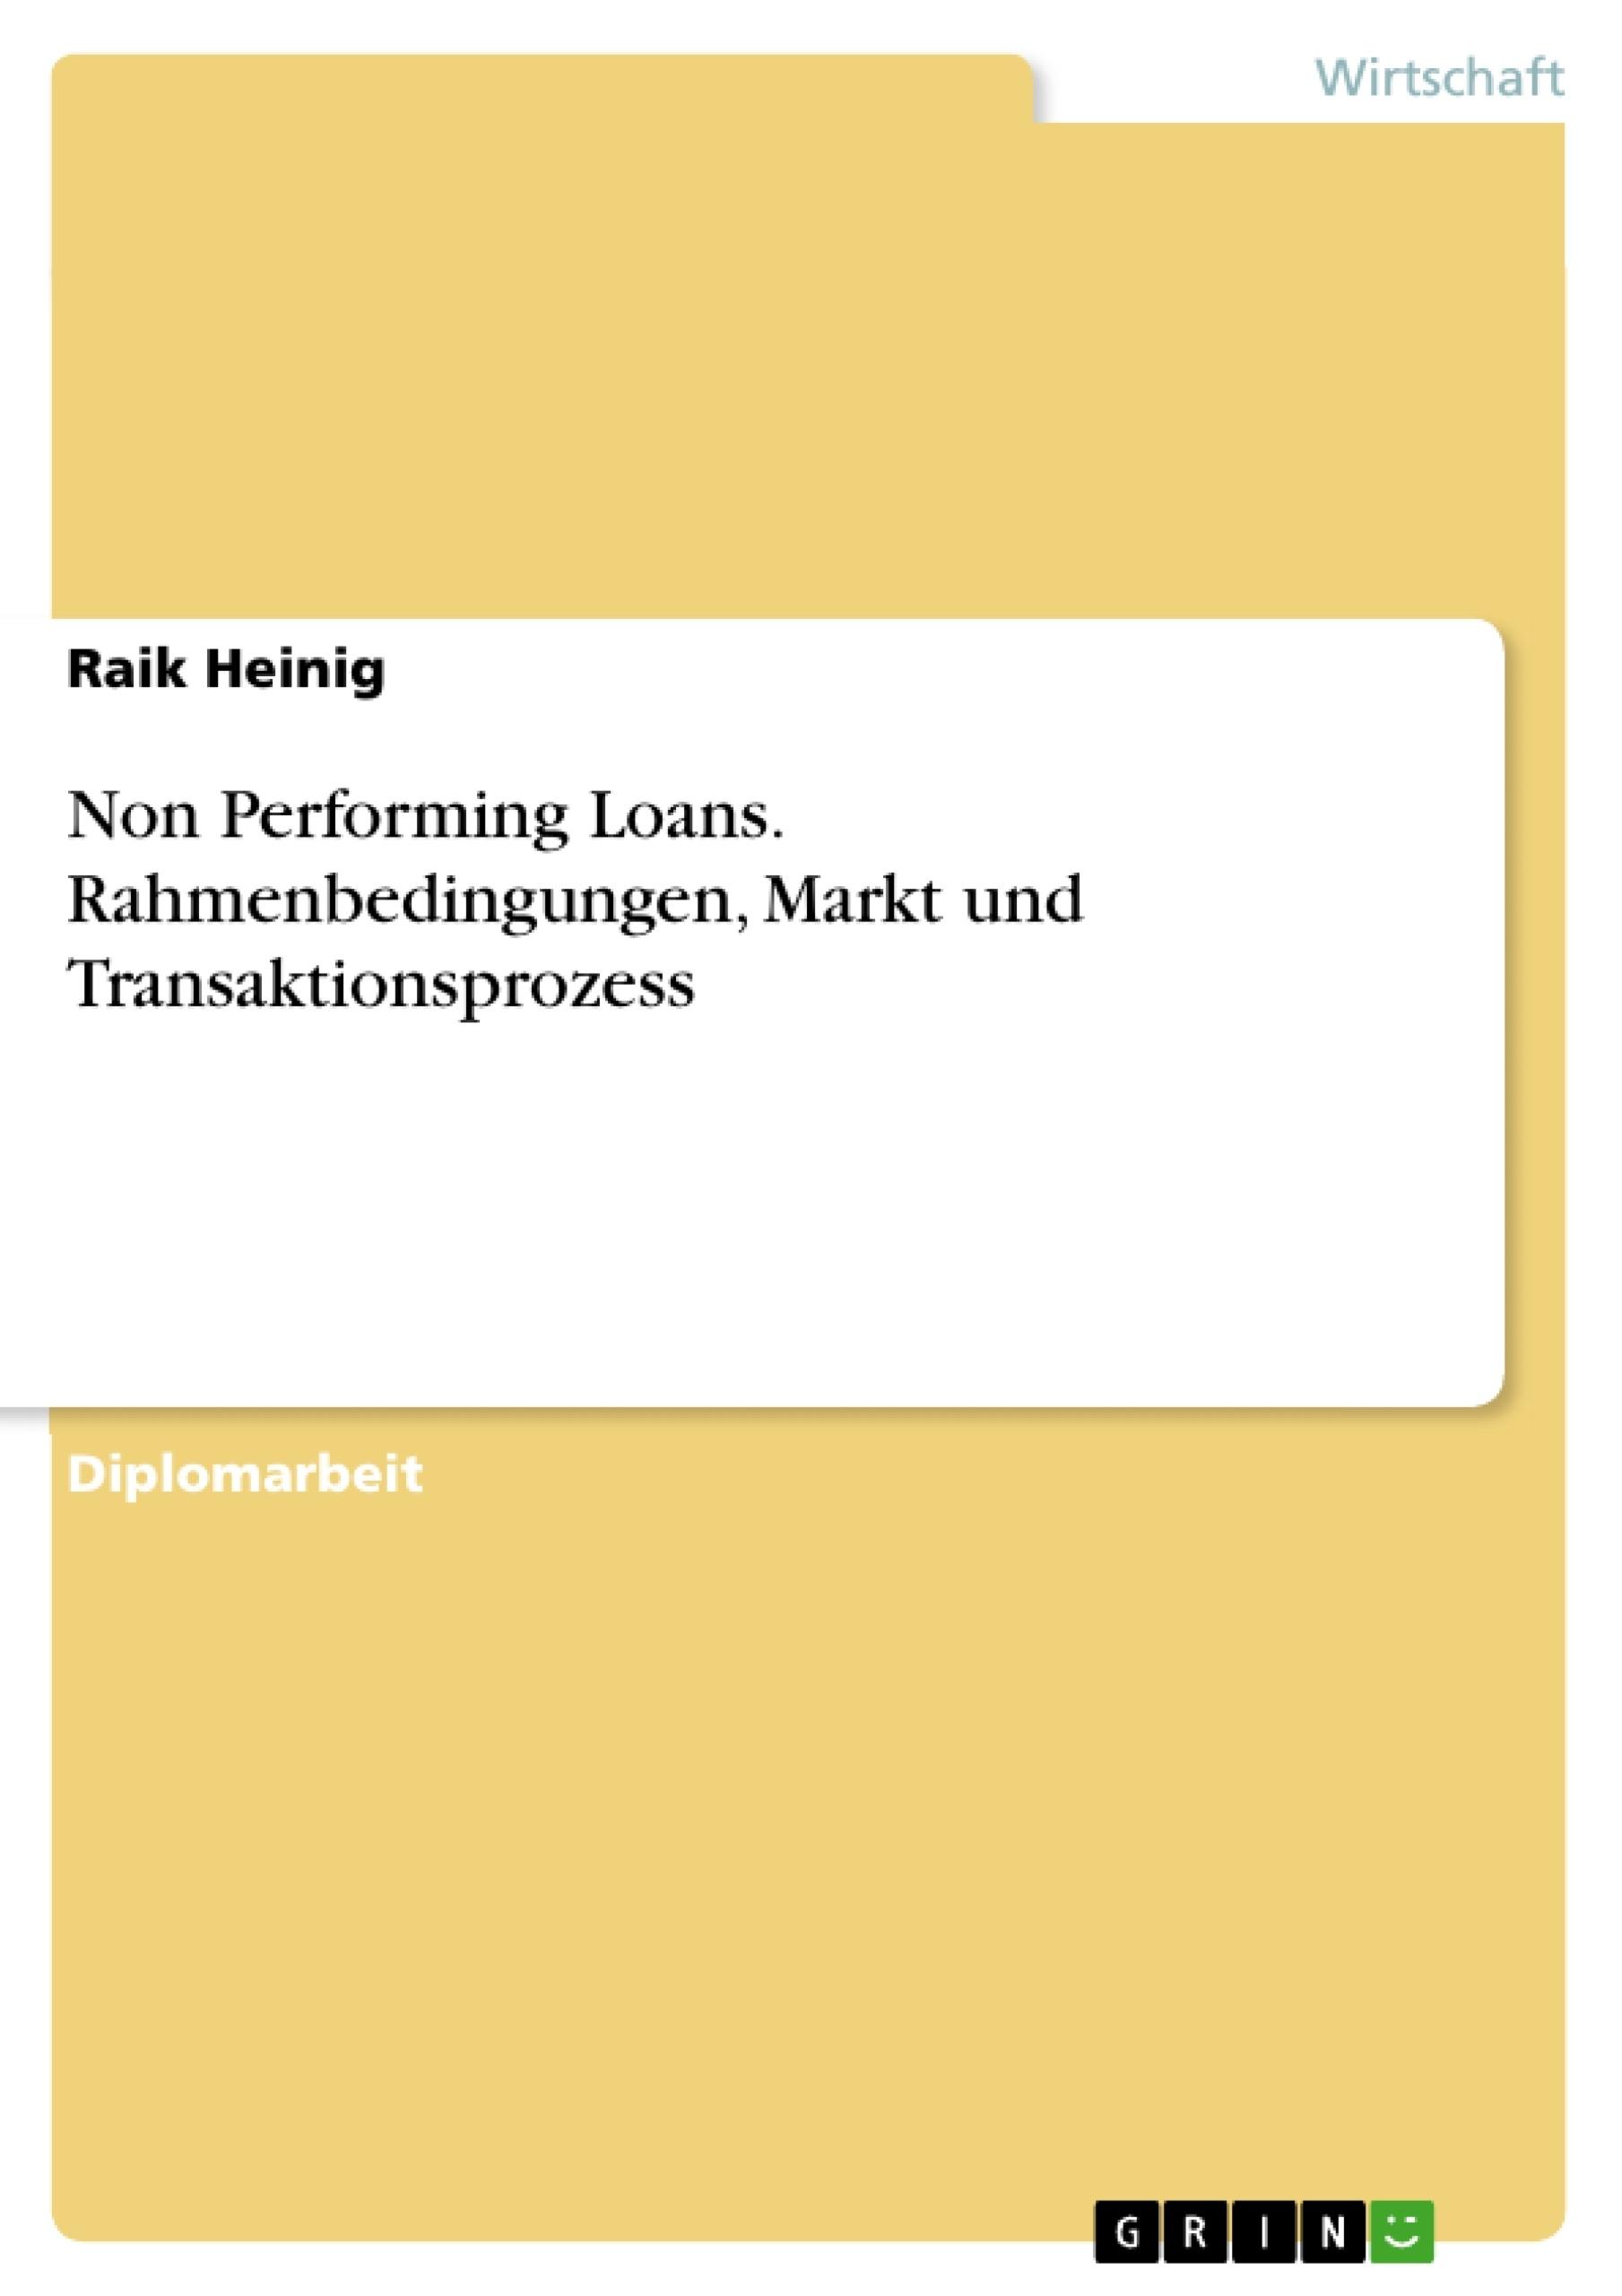 Titel: Non Performing Loans. Rahmenbedingungen, Markt und Transaktionsprozess